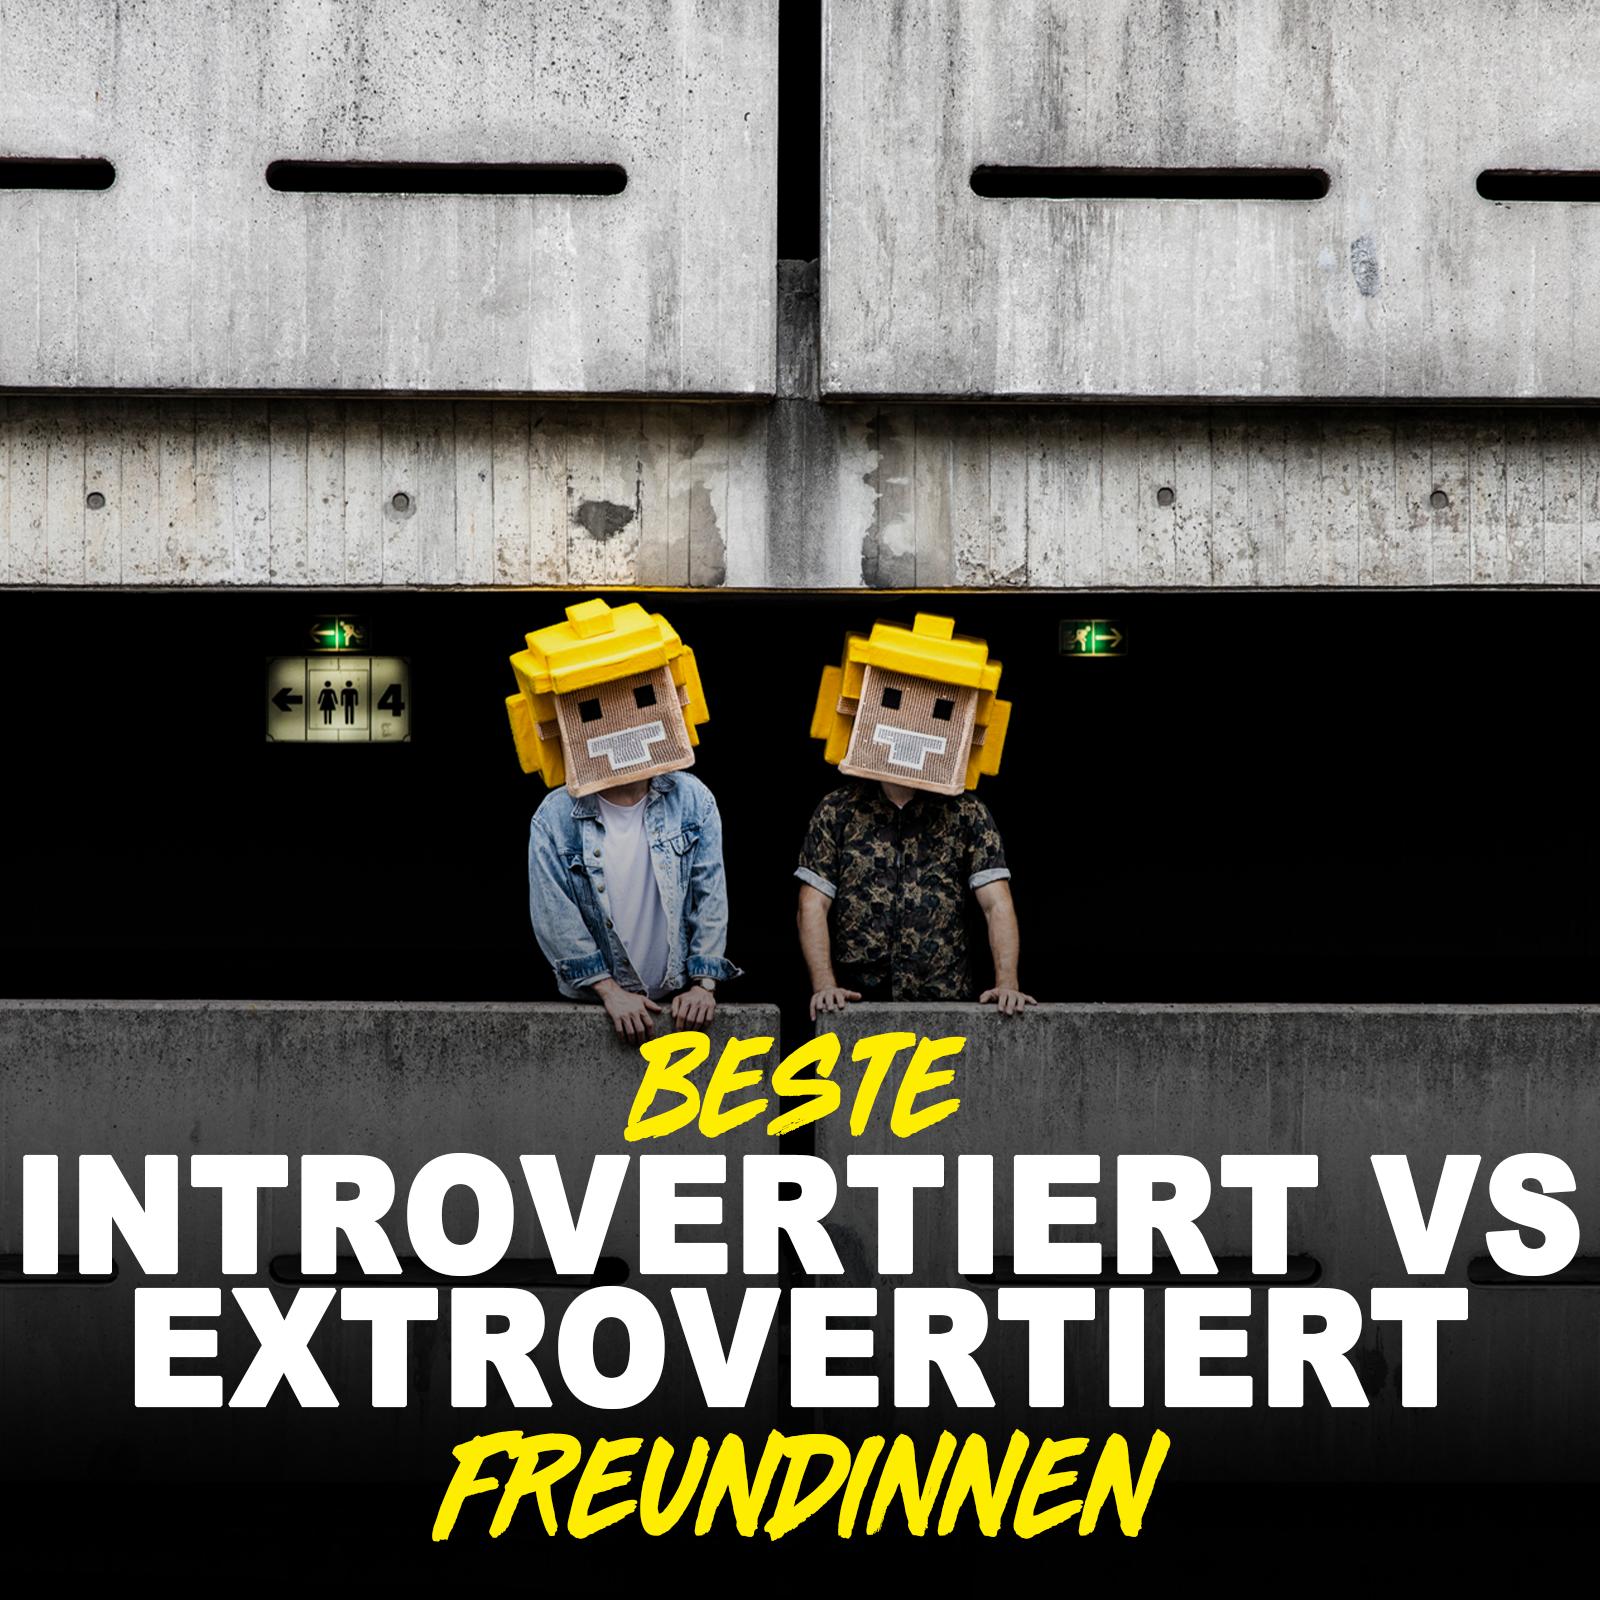 Introvertiert vs Extrovertiert